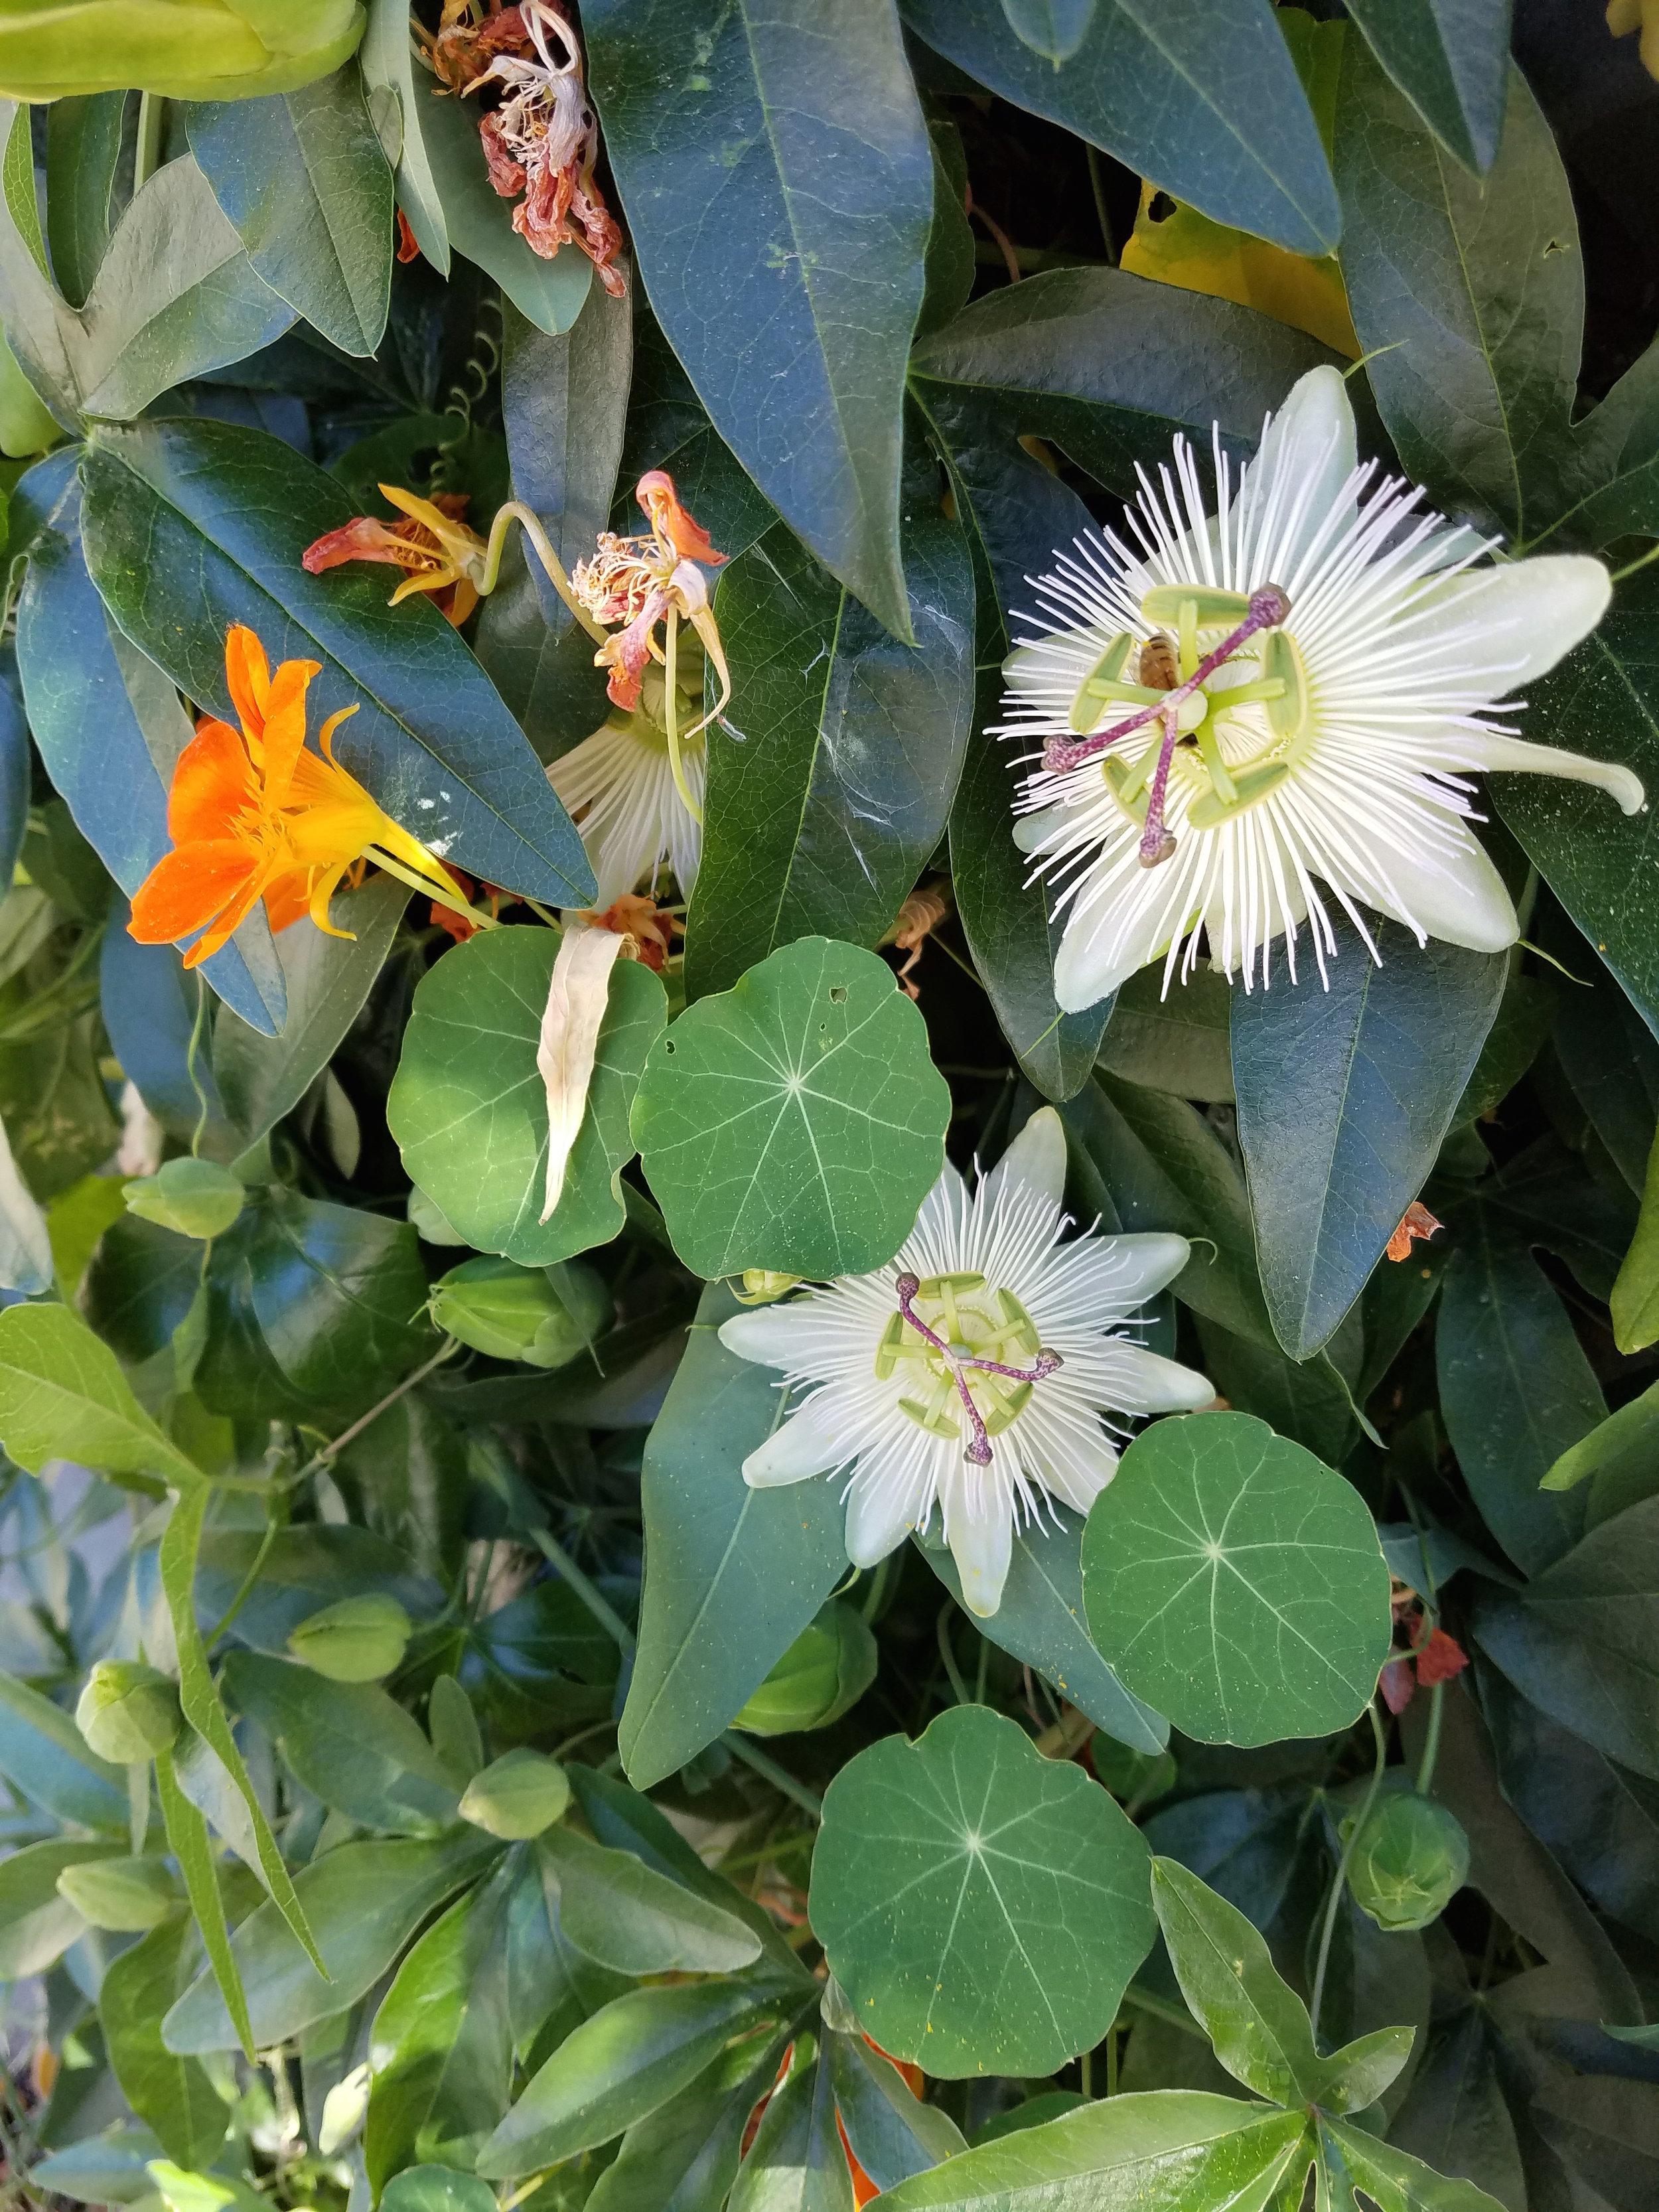 Energetic herbalism. -